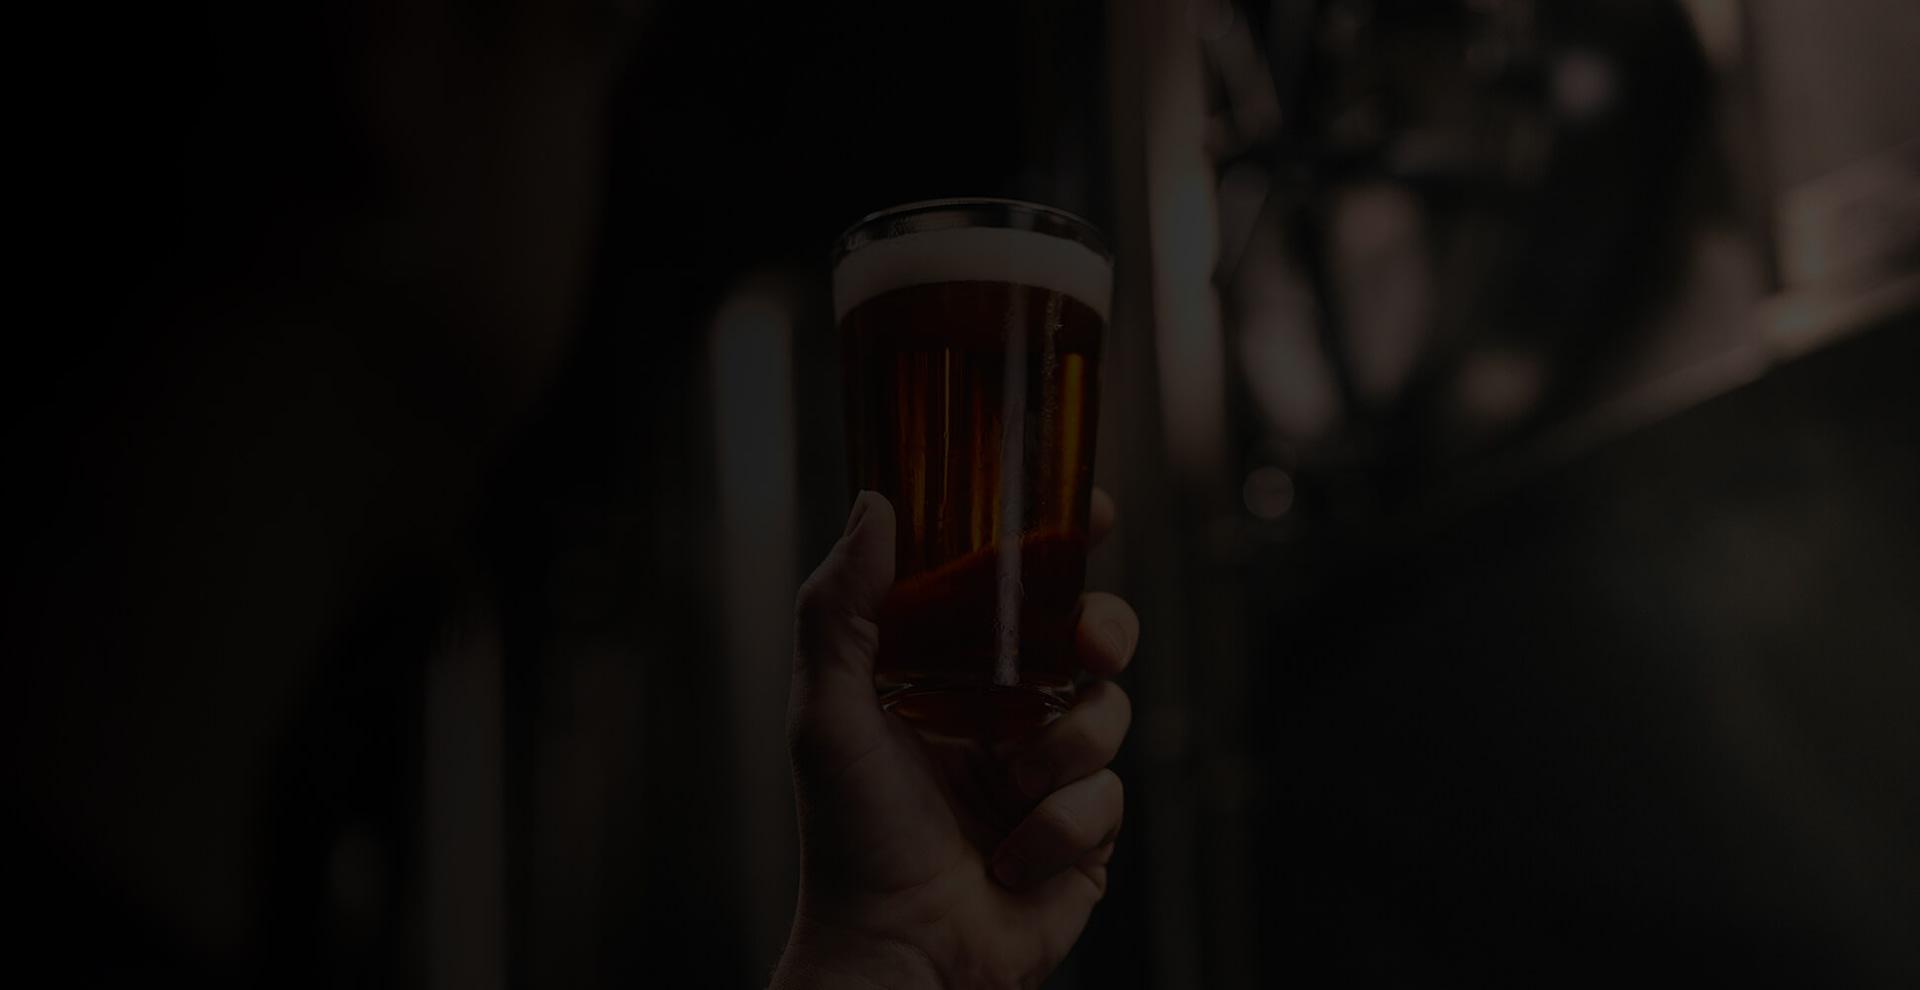 Mercado de cerveja artesanal no Brasil: mais de 20% de crescimento!